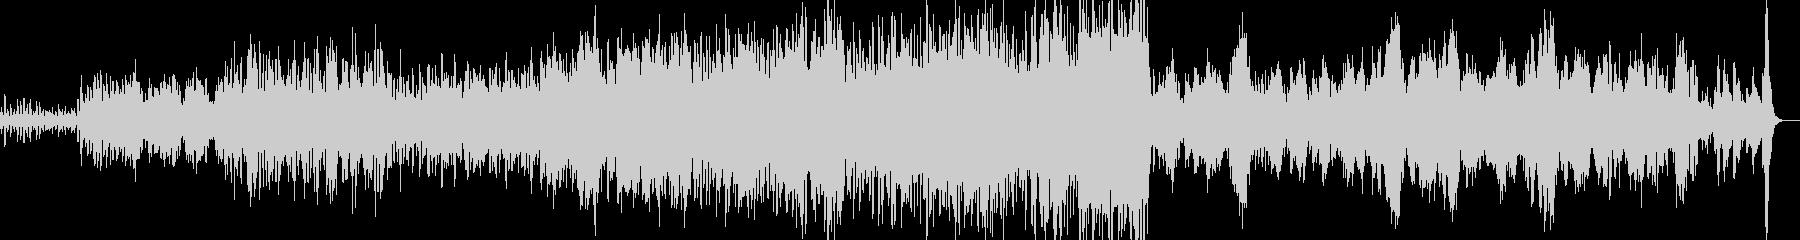 ワルツ 弦楽器のみの未再生の波形